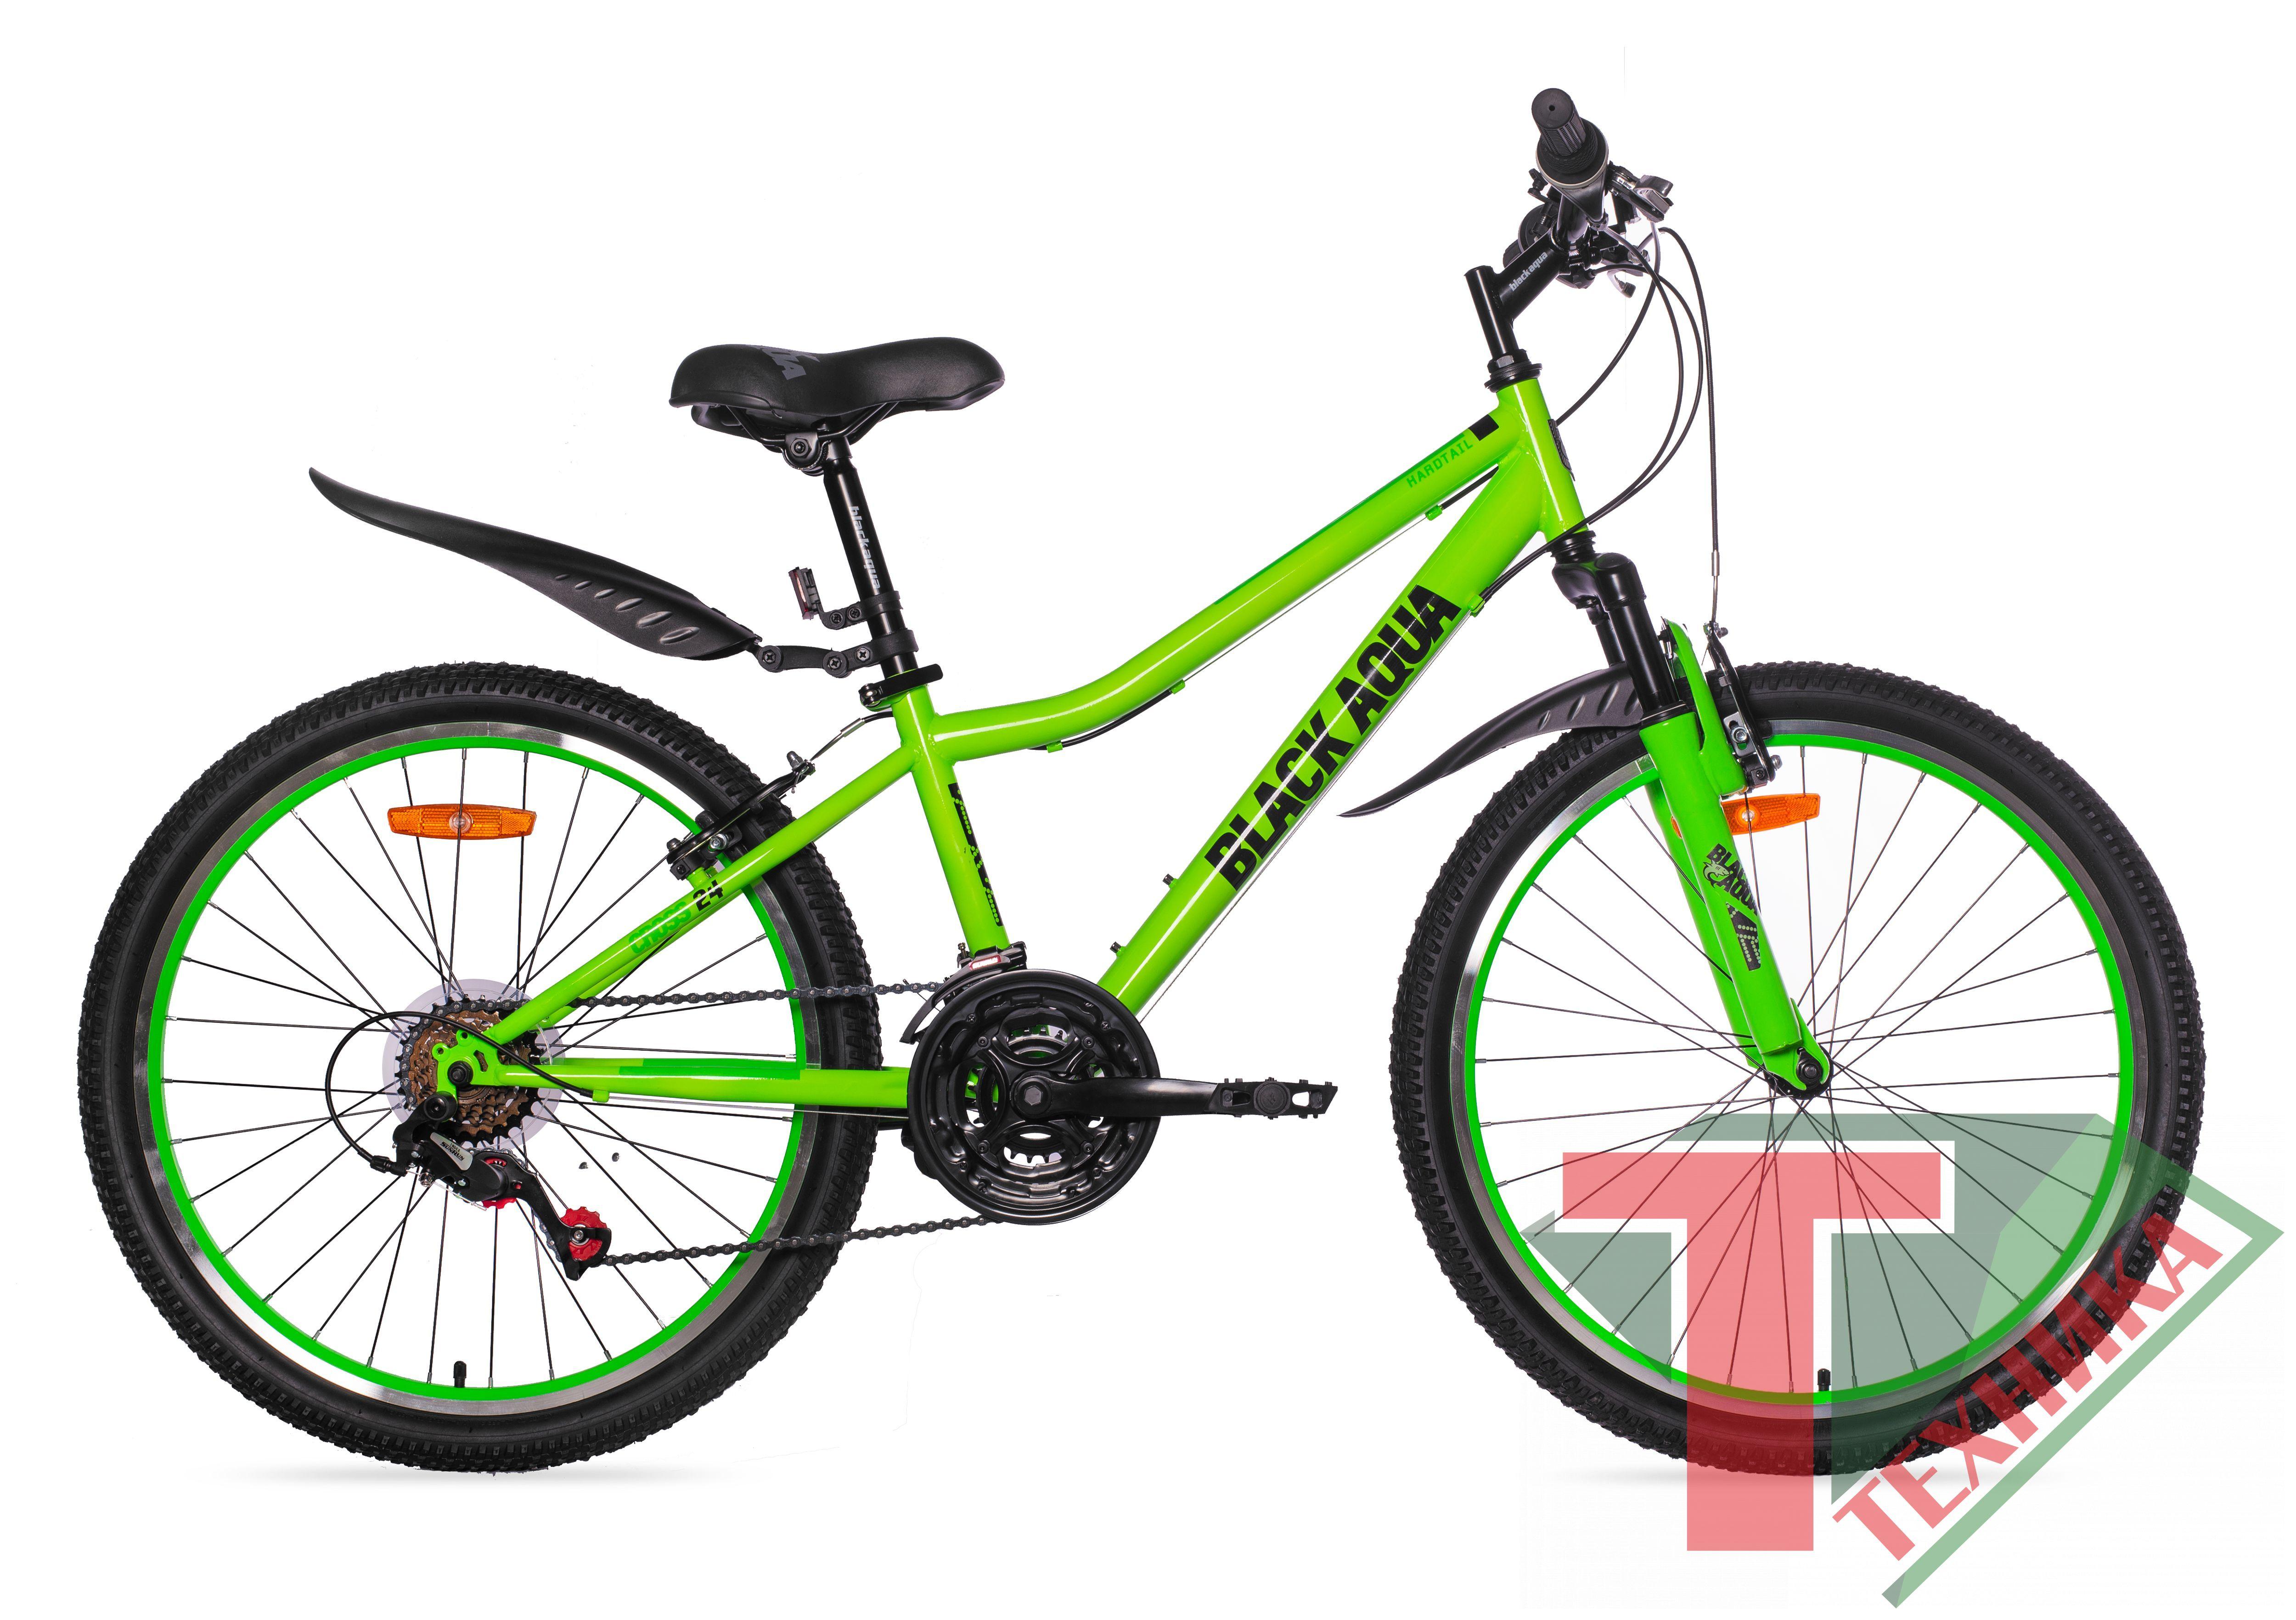 Велосипед GL-202V Black aqua Cross 1431V 24